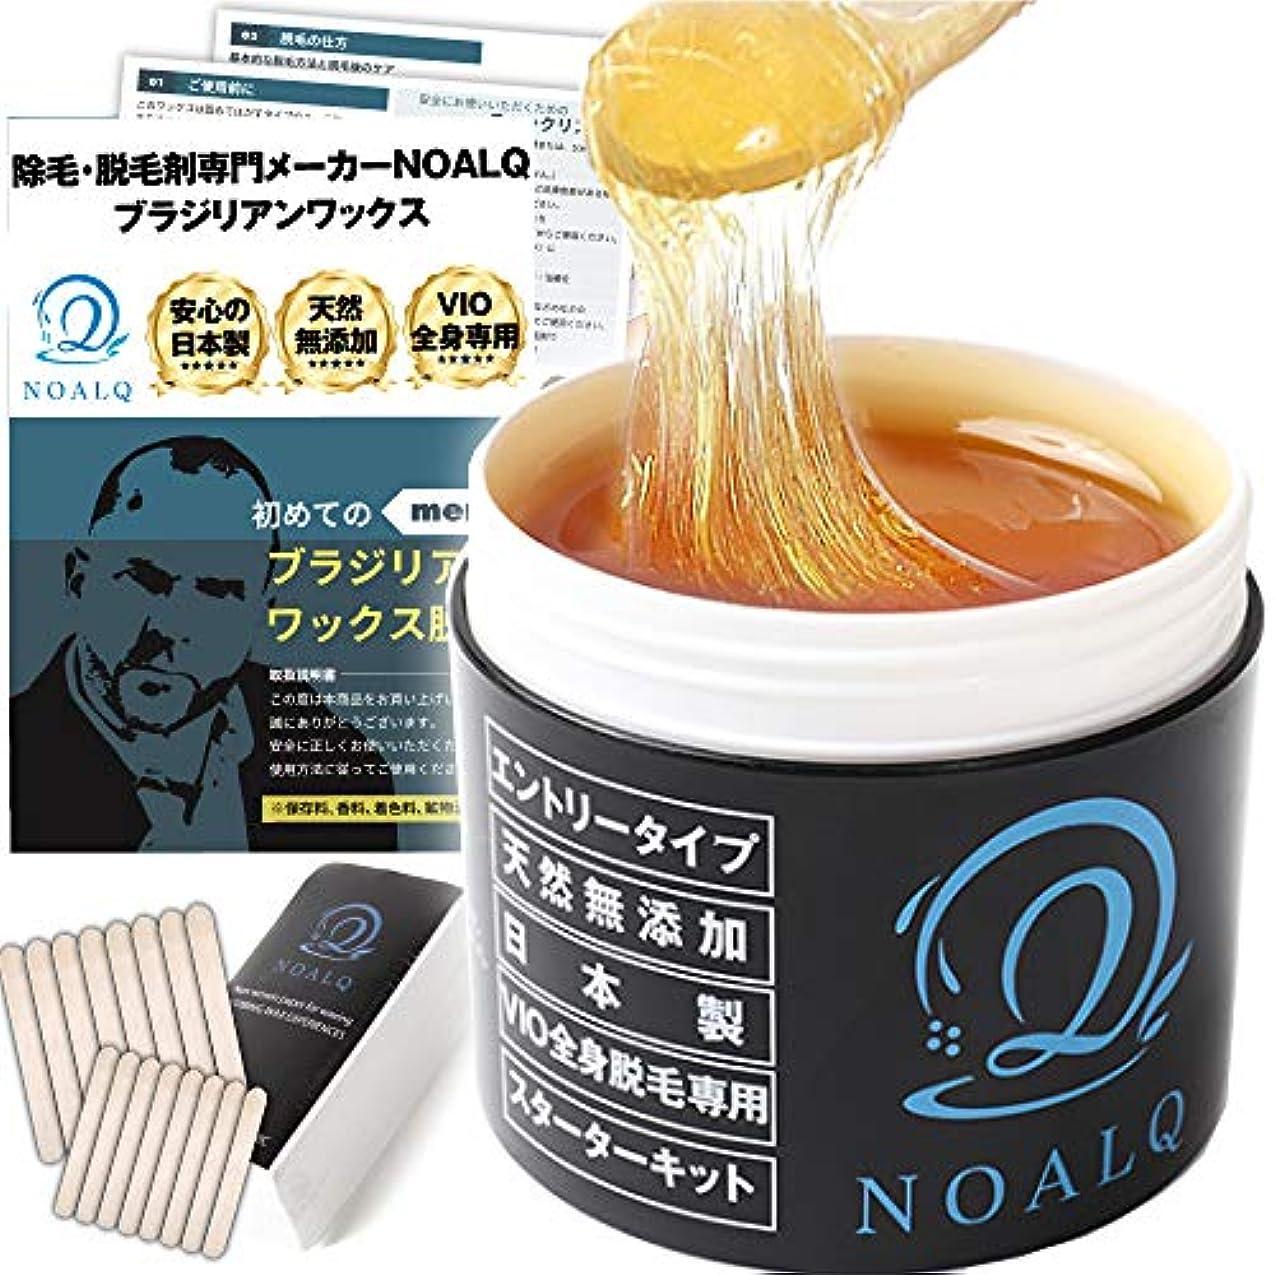 確認する電話する支出NOALQ(ノアルク) ブラジリアンワックス エントリータイプ 天然無添加素材 純国産100% VIO 全身脱毛専用 スターターキット